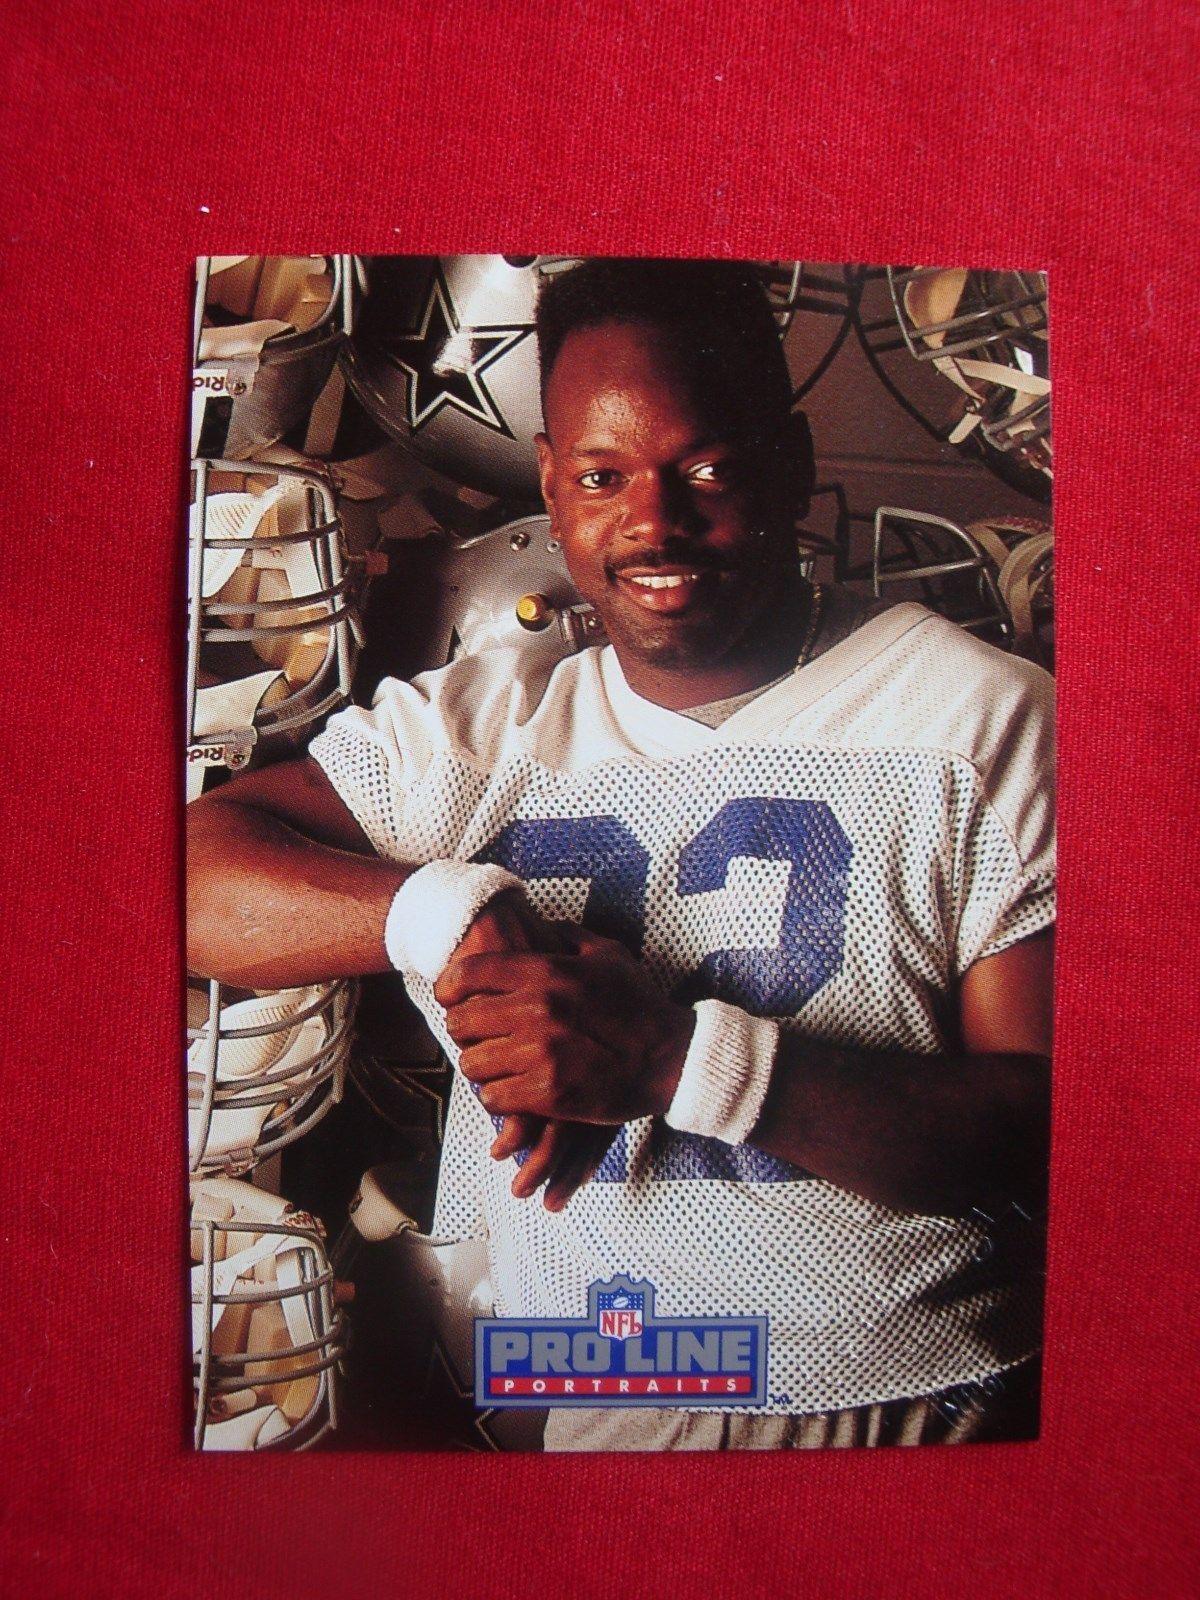 1992 pro line portraits autographed card of dallas cowboys